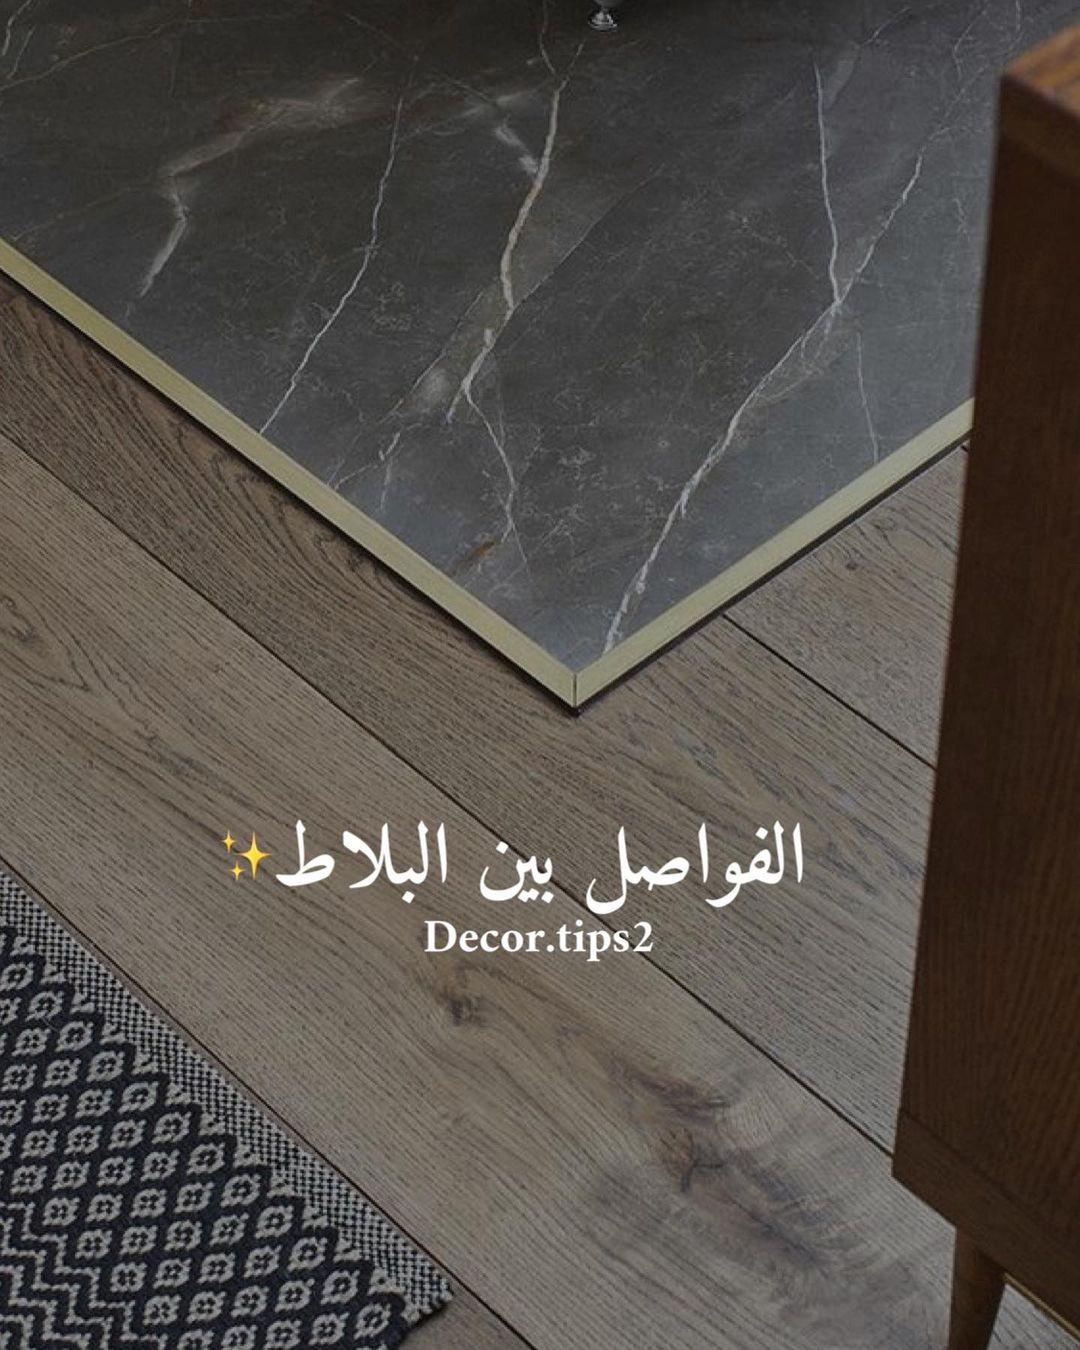 """.  الفواصل بين البلاط """"Flooring Profile"""" جميل إشتخدامها عند الدمج بأكثر من نوع م…"""